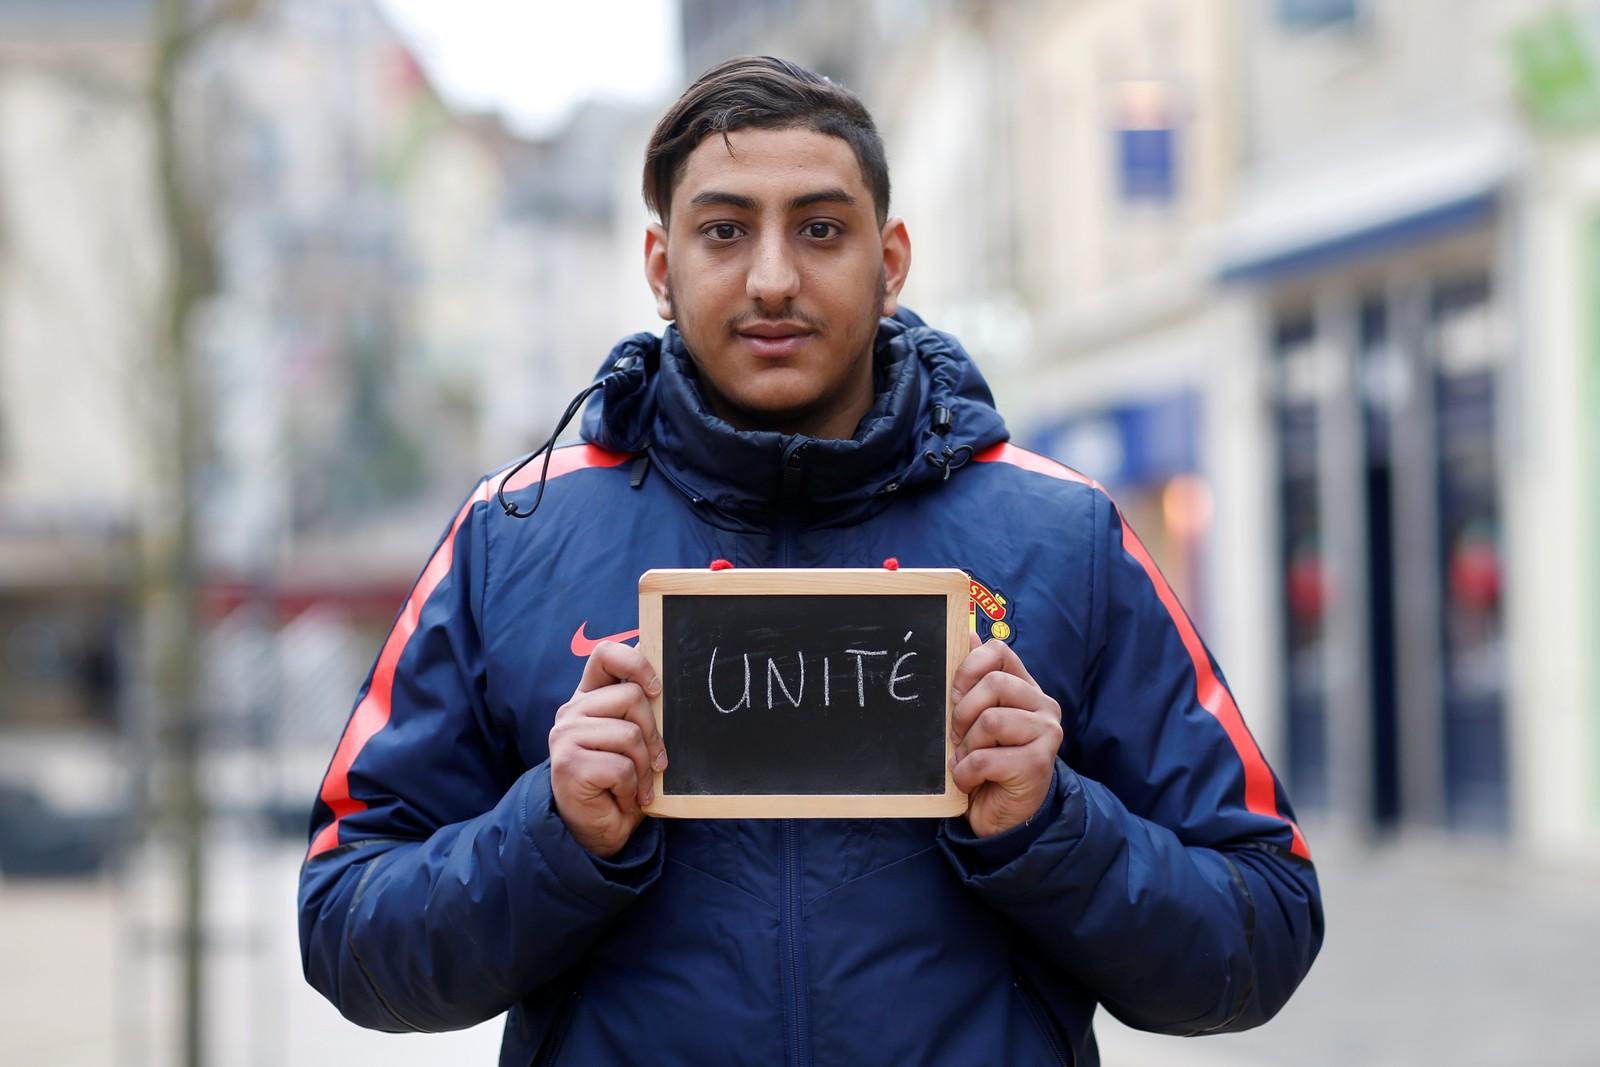 """Butikkassistenten Mehdi Belhabassi (21) ber om samhold. """"Det er viktig at vi kan leve sammen i fred og respektere hverandre. Uansett hvor vi kommer fra er vi alle franske og likeverdige""""."""